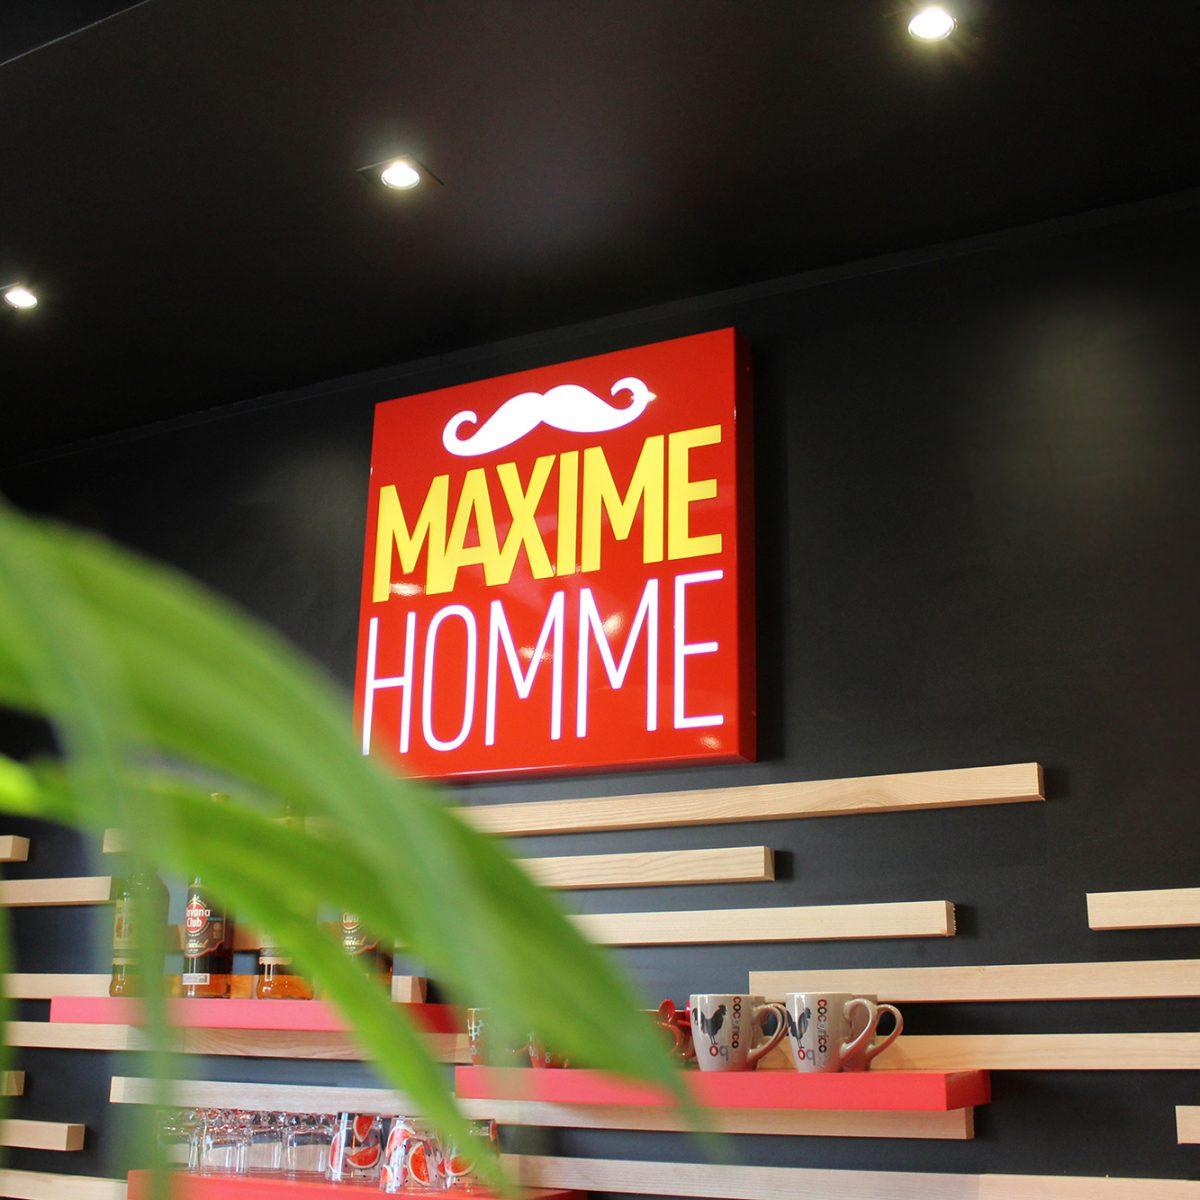 Maxime-homme-page-accueil-barbier-coiffeur-ambroise